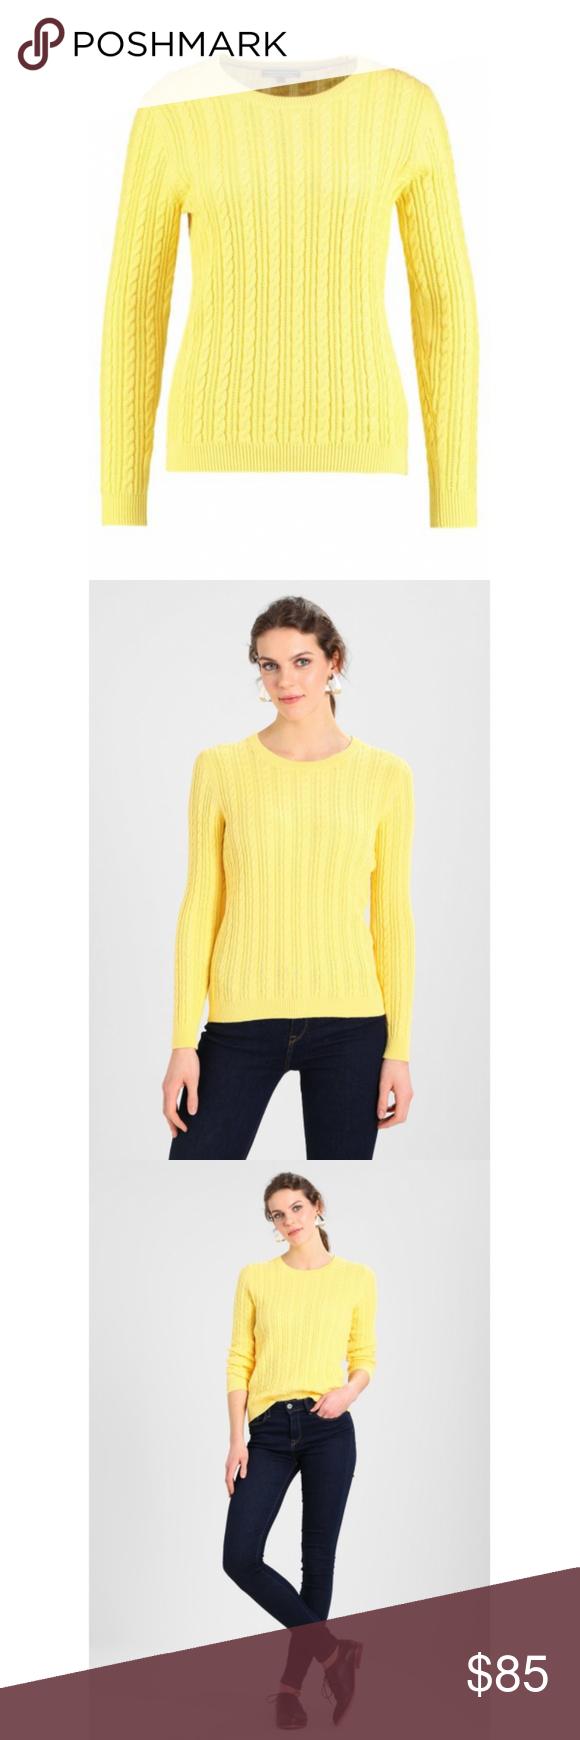 72ccbc19b Tommy Hilfiger Pascalino Knit Sweater Tommy Hilfiger Pascalino Knit Sweater  Details ▫ Color: Yellow ▫